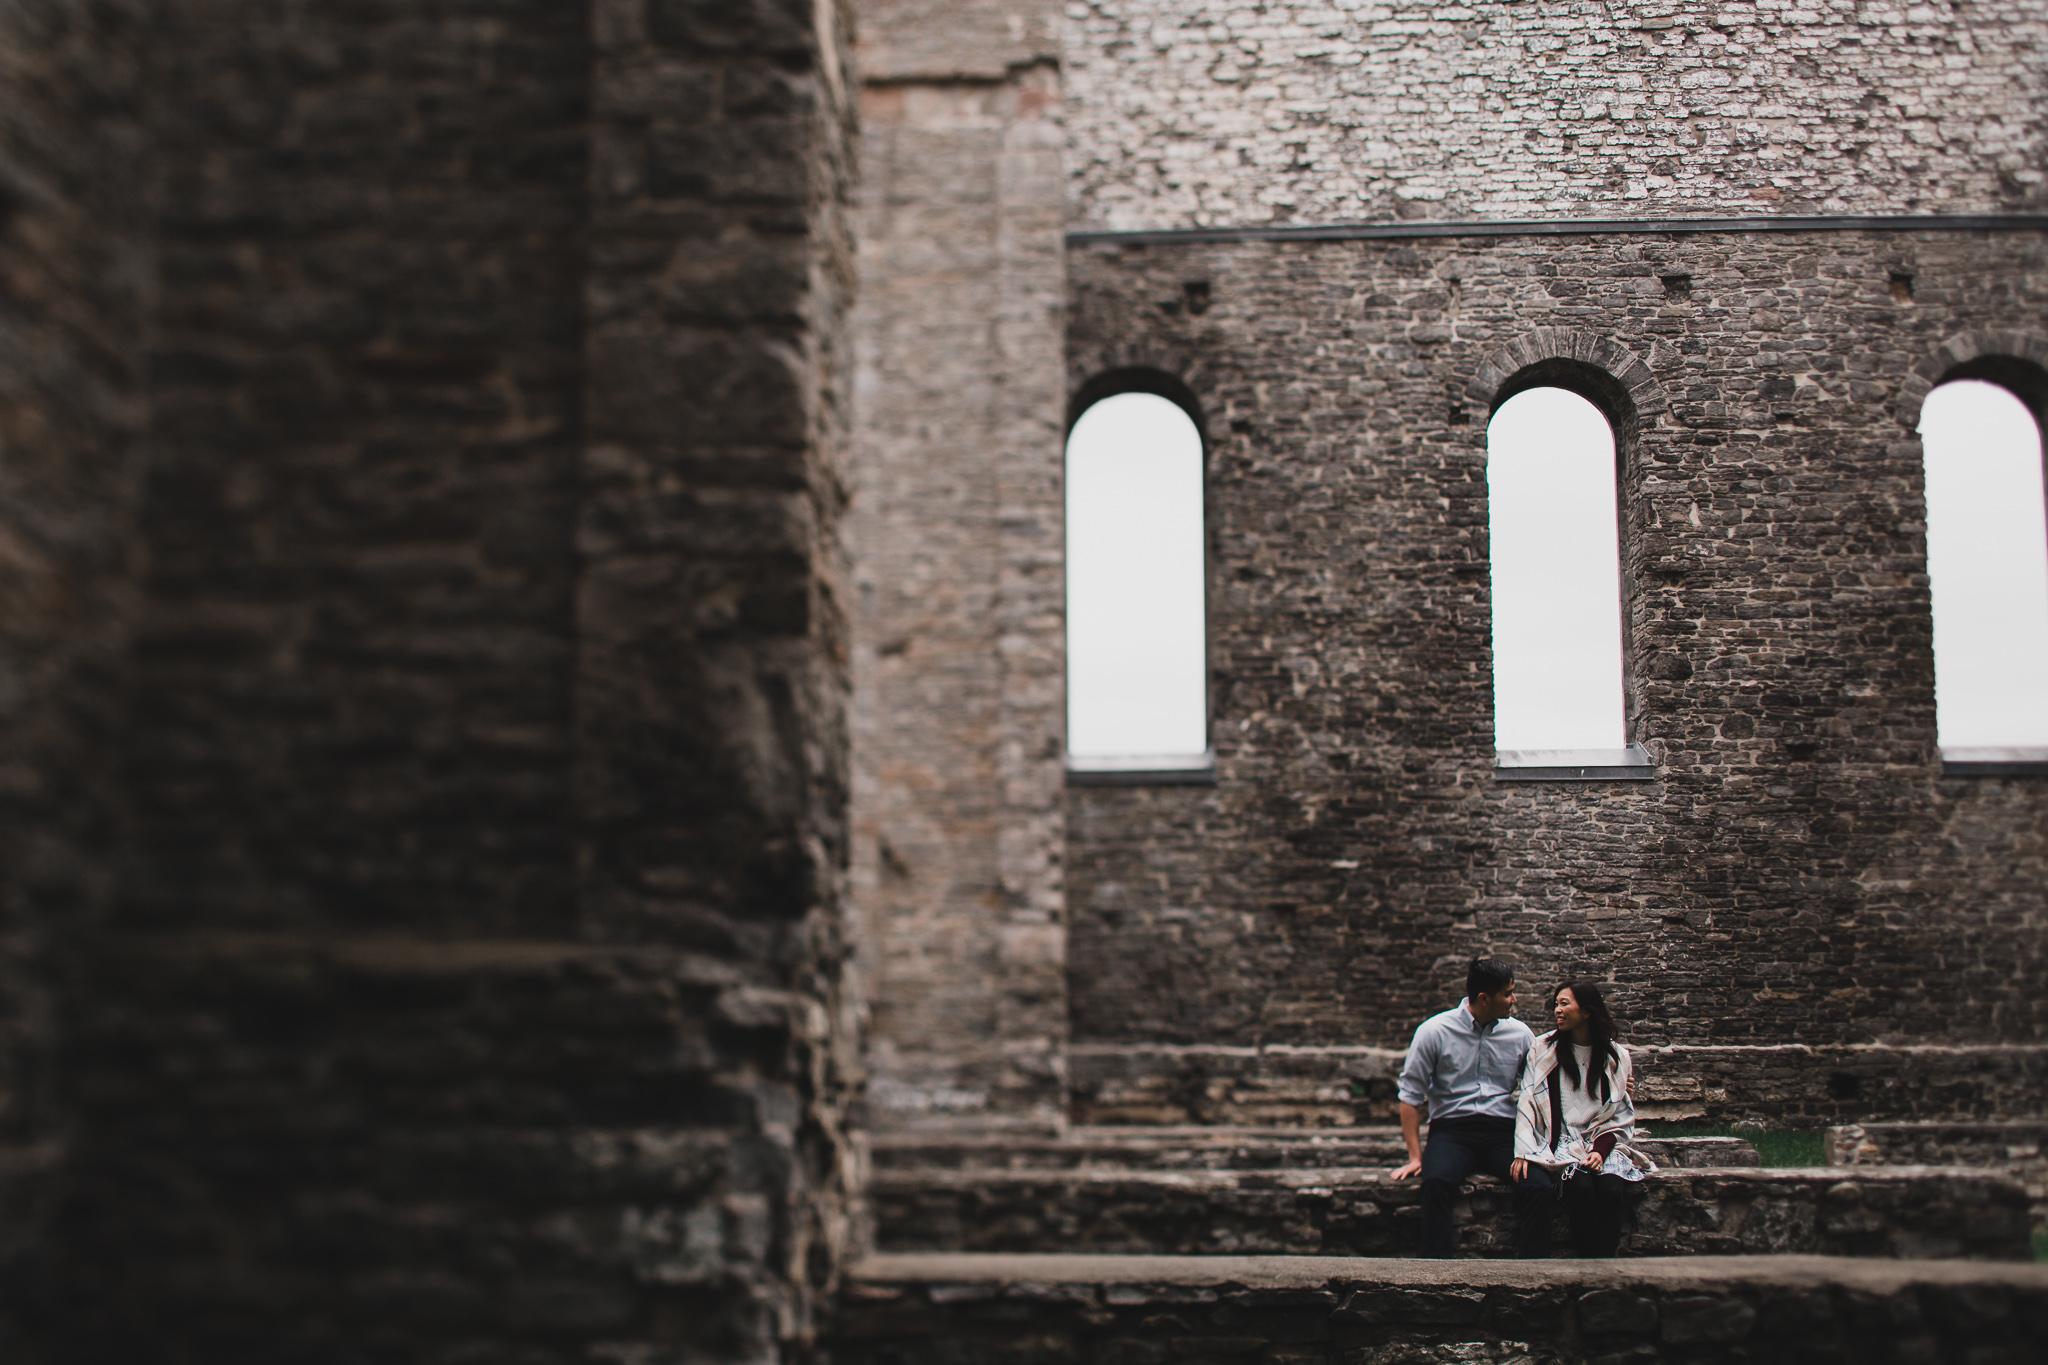 Abandoned building engagement photo